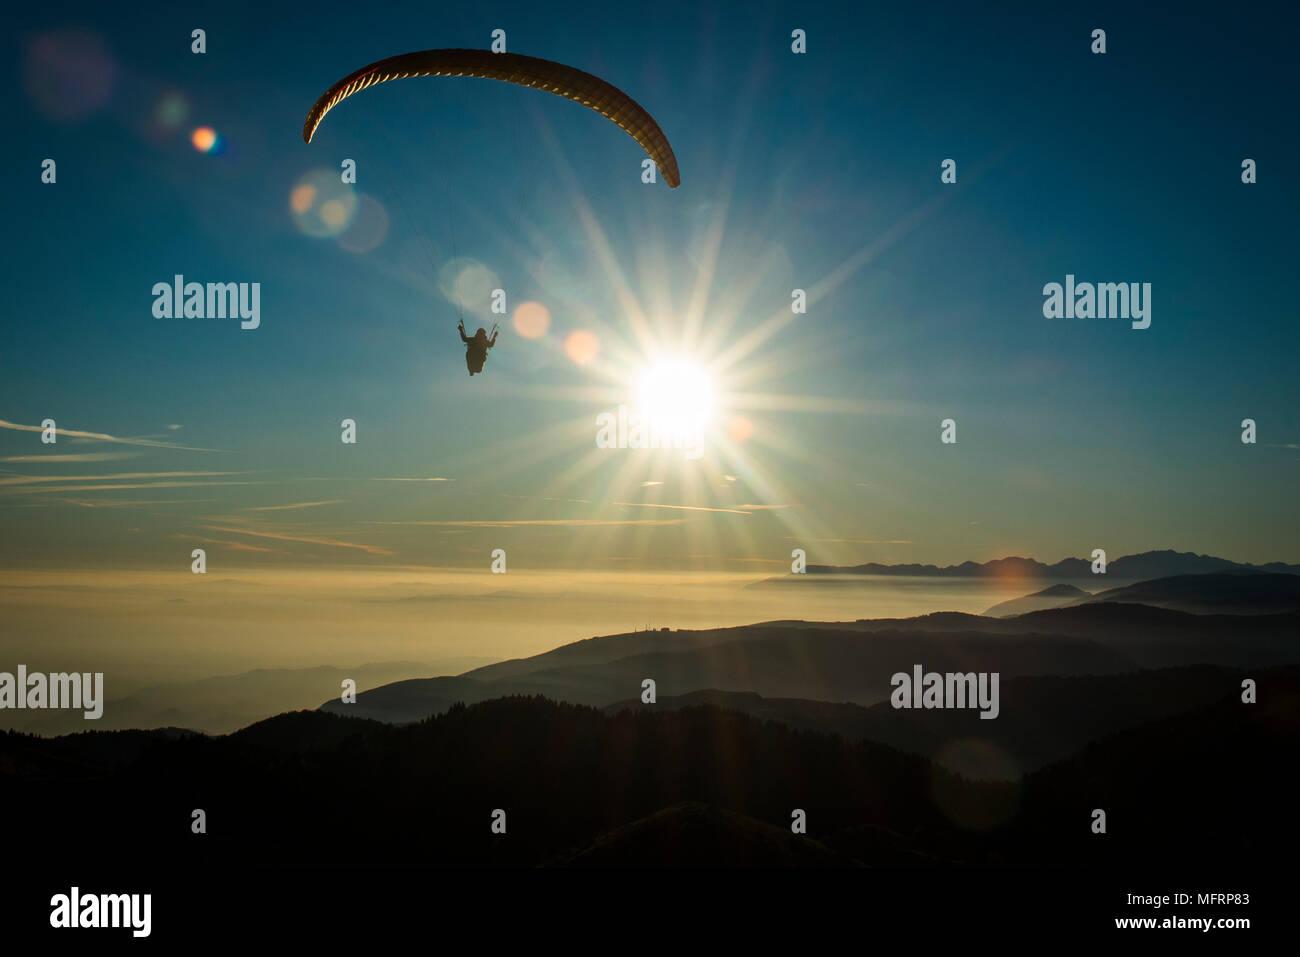 Parapente en Monte Grappa, inversión situación meteorológica con la puesta de sol, vista aérea, Bassano, Veneto, Italia Foto de stock